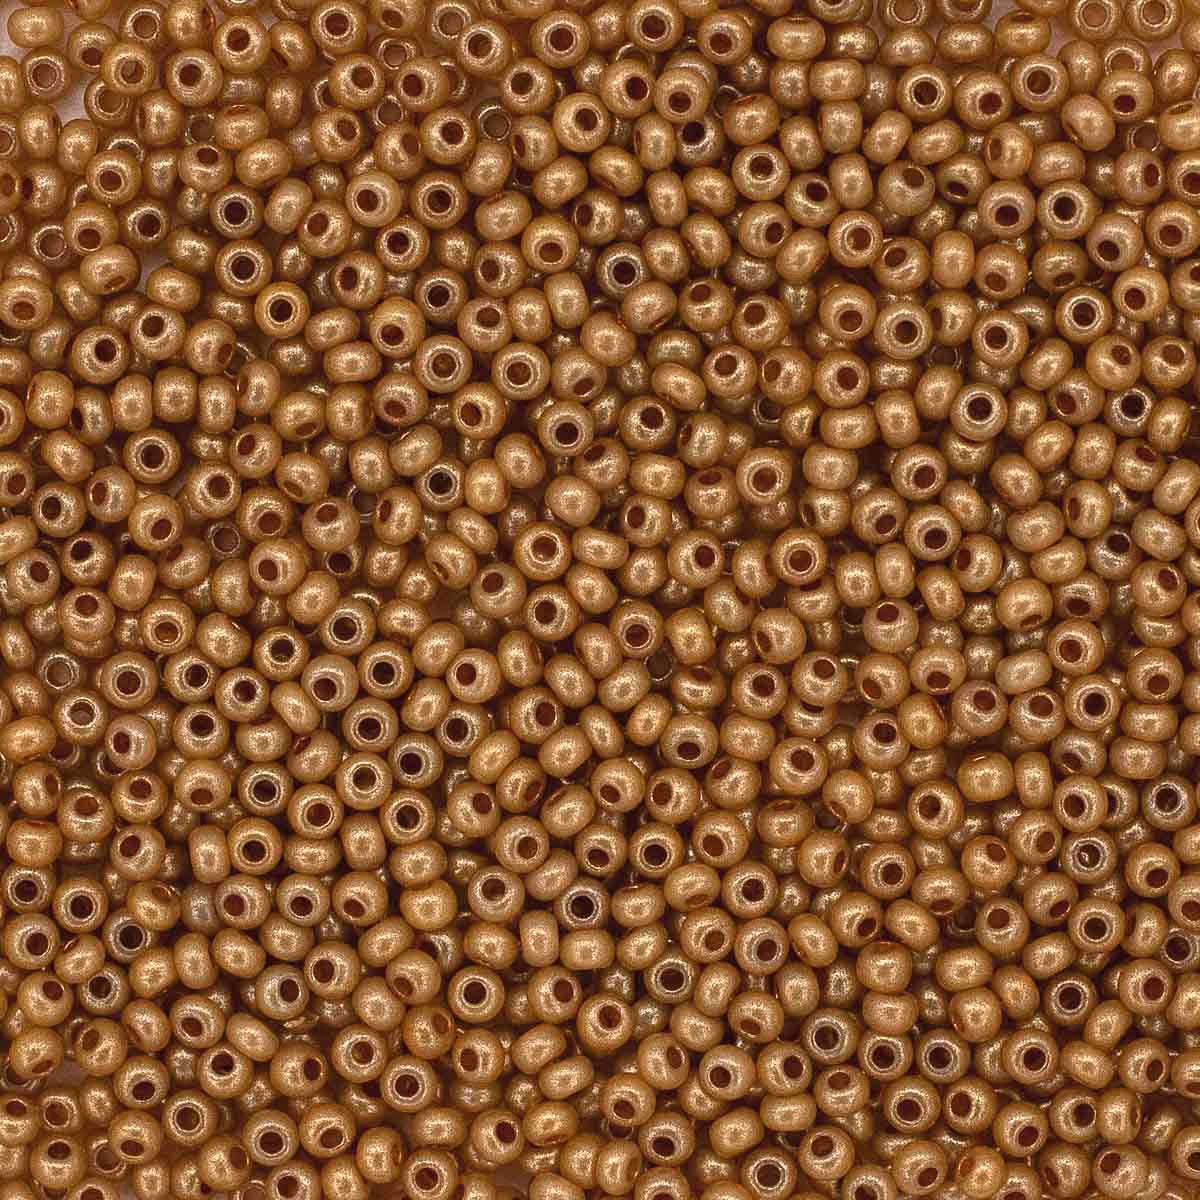 (17783) 331-19001-10/0 Бисер непрозрачный с покрытием 10/0, круг.отв., 20гр Preciosa